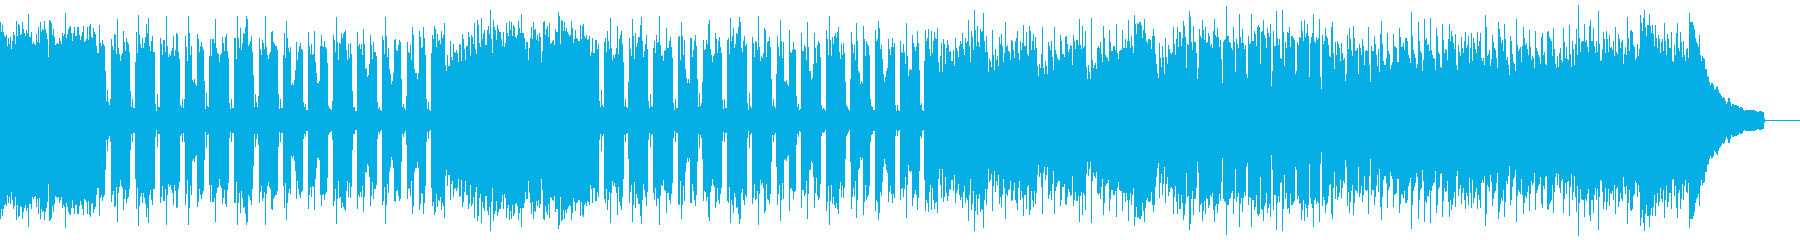 カントリー風ロックギター01Fの再生済みの波形